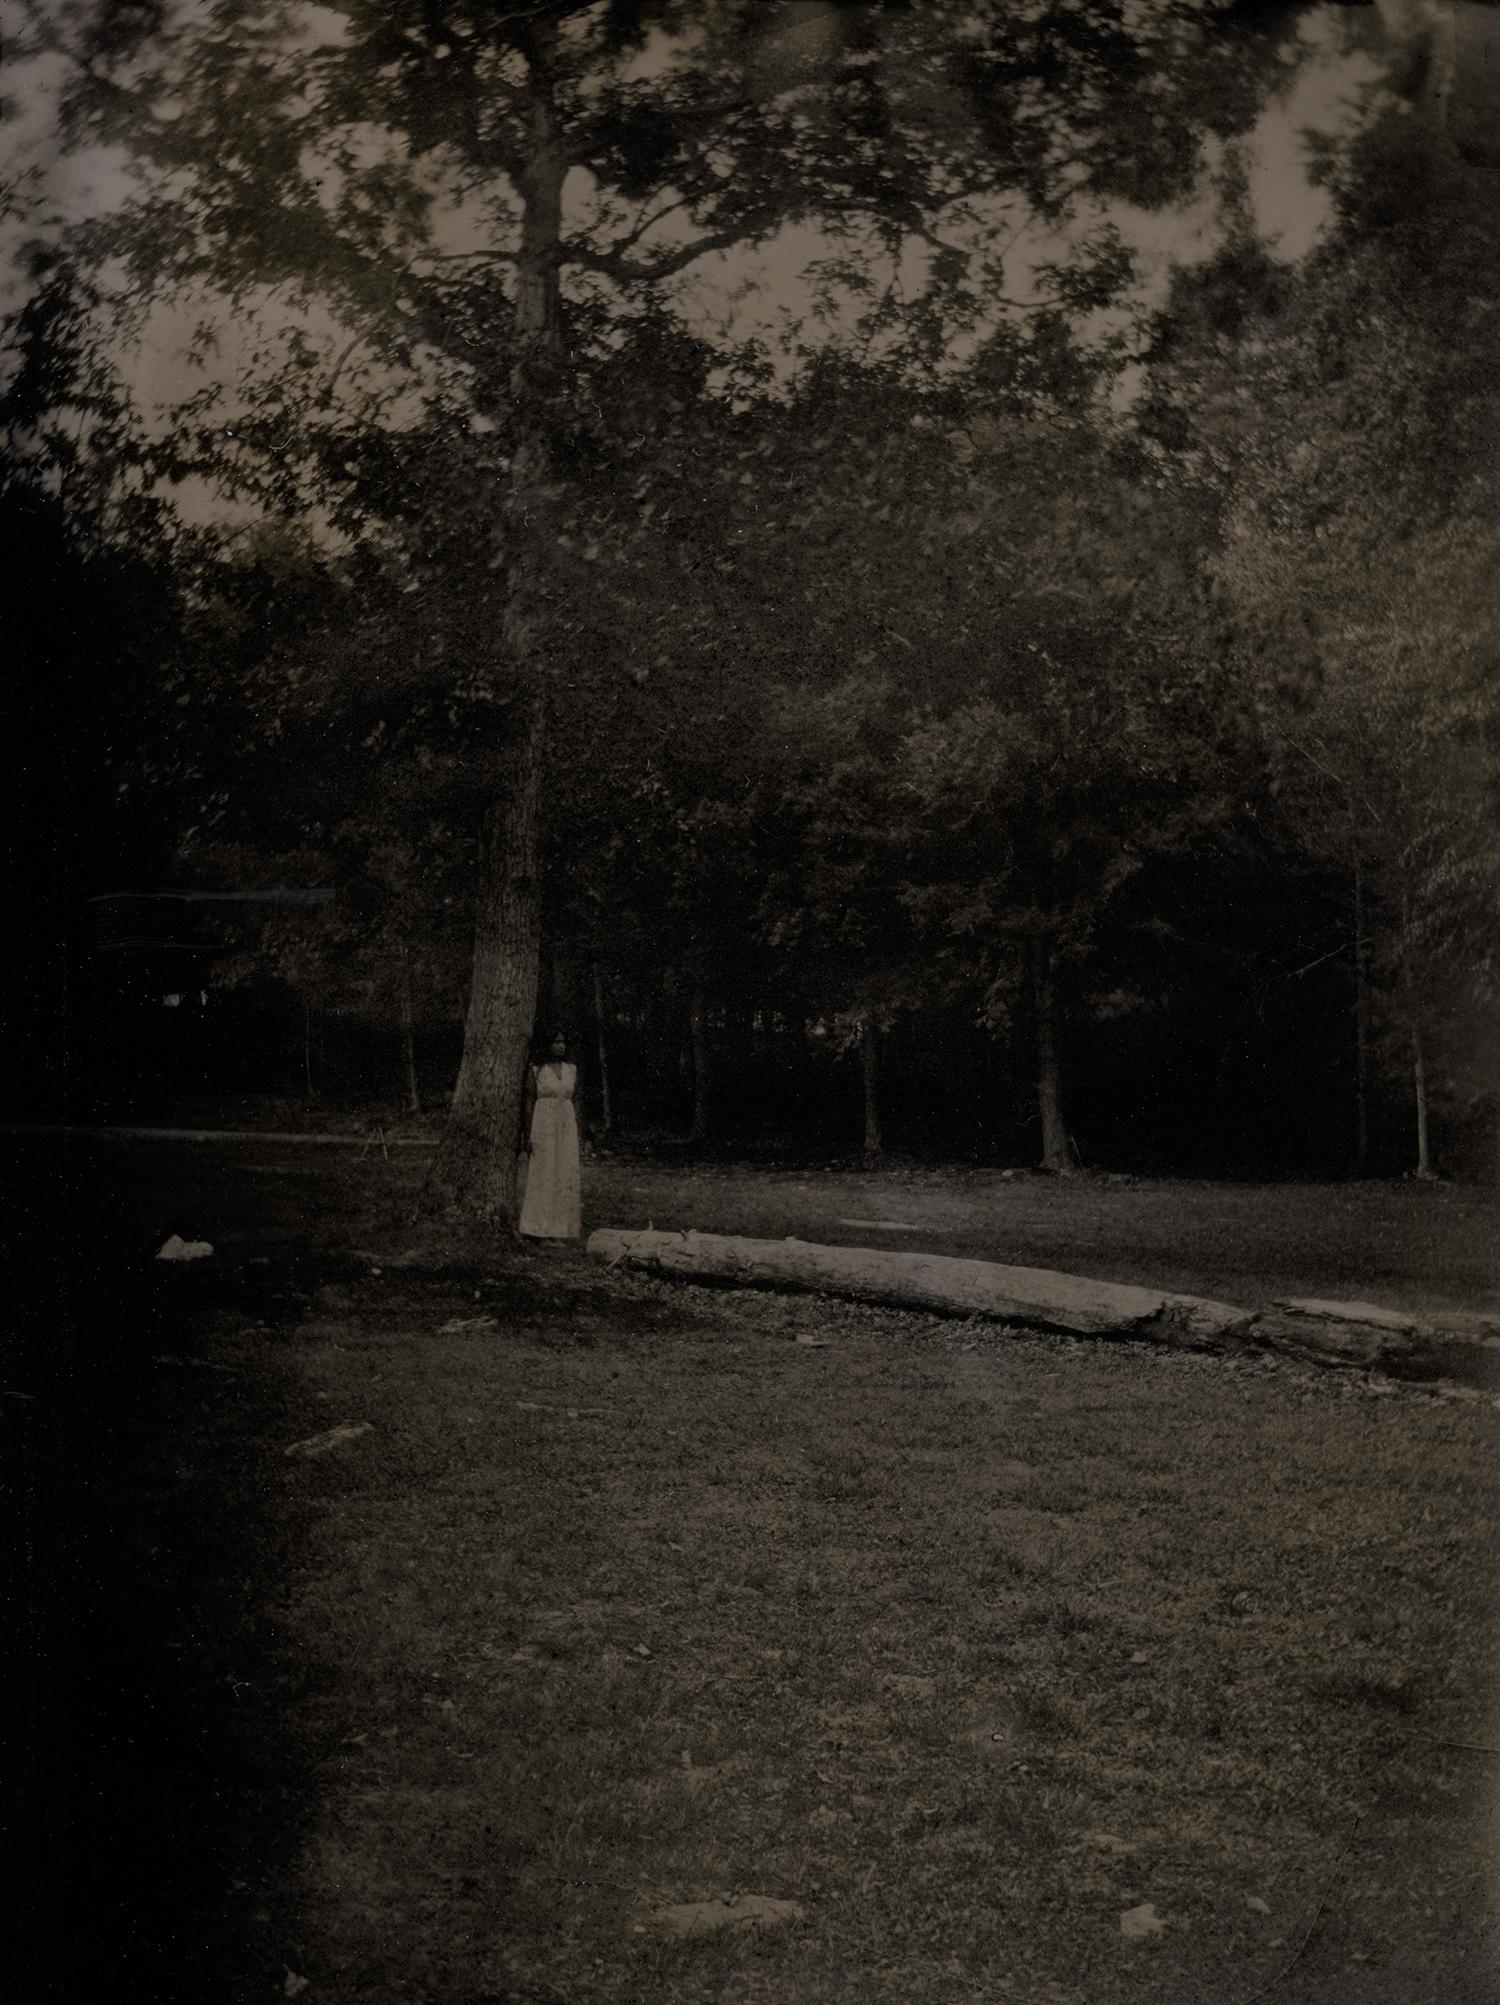 Dana-Schmerzler-tintype-self-portrait-5.jpg